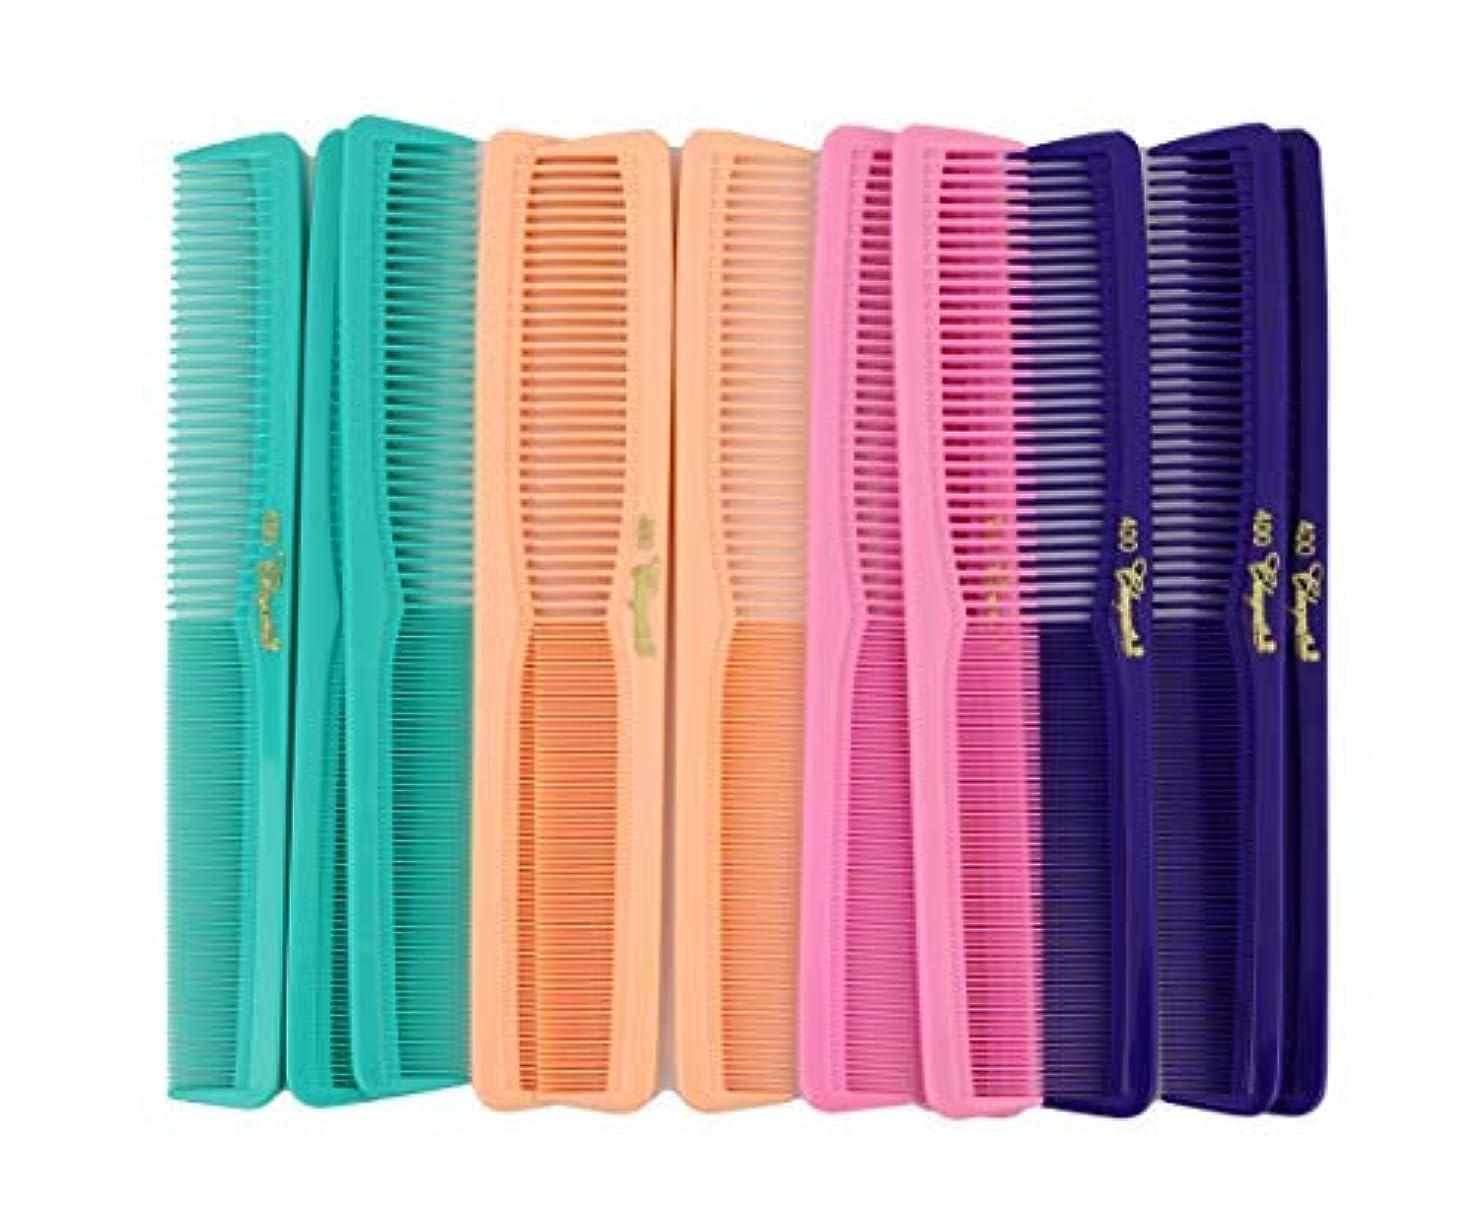 権限を与える北方裸7 inch All Purpose Hair Comb. Hair Cutting Combs. Barber's & Hairstylist Combs. Fresh Mix 12 Units. [並行輸入品]